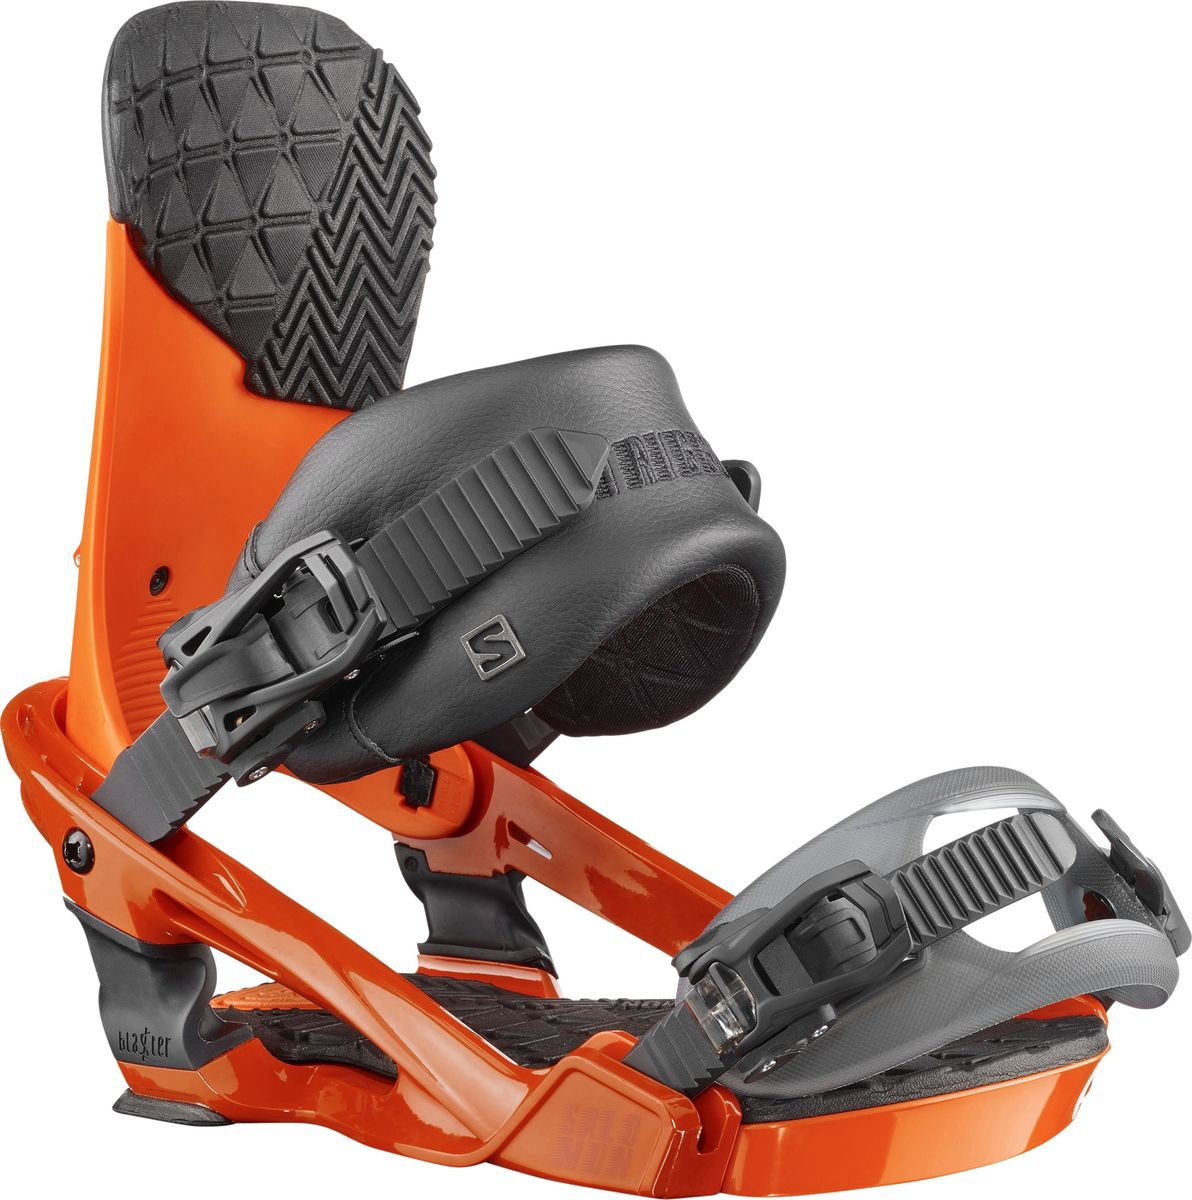 Крепление для сноуборда Salomon Trigger, цвет: оранжевый. Размер LL39836300Абсолютно новые крепления для сноуборда Salomon Trigger средней жесткости, разработанные специально для Криса Гренье, отлично подойдут для фристайла и катания в пайпе. Технология Blaster Tech — интуитивное соединение Freestyle Jib, выполняющее роль динамической подвески, поглощает удары, выравнивает катание и обеспечивает лучшую боковую подвижность. Крепления имеют чемпионскую анатомию и самые необходимые характеристики: новую базу Blaster, стрепы 3D Prime и Lock-In Deluxe Toe, и минималистичный хайбек.